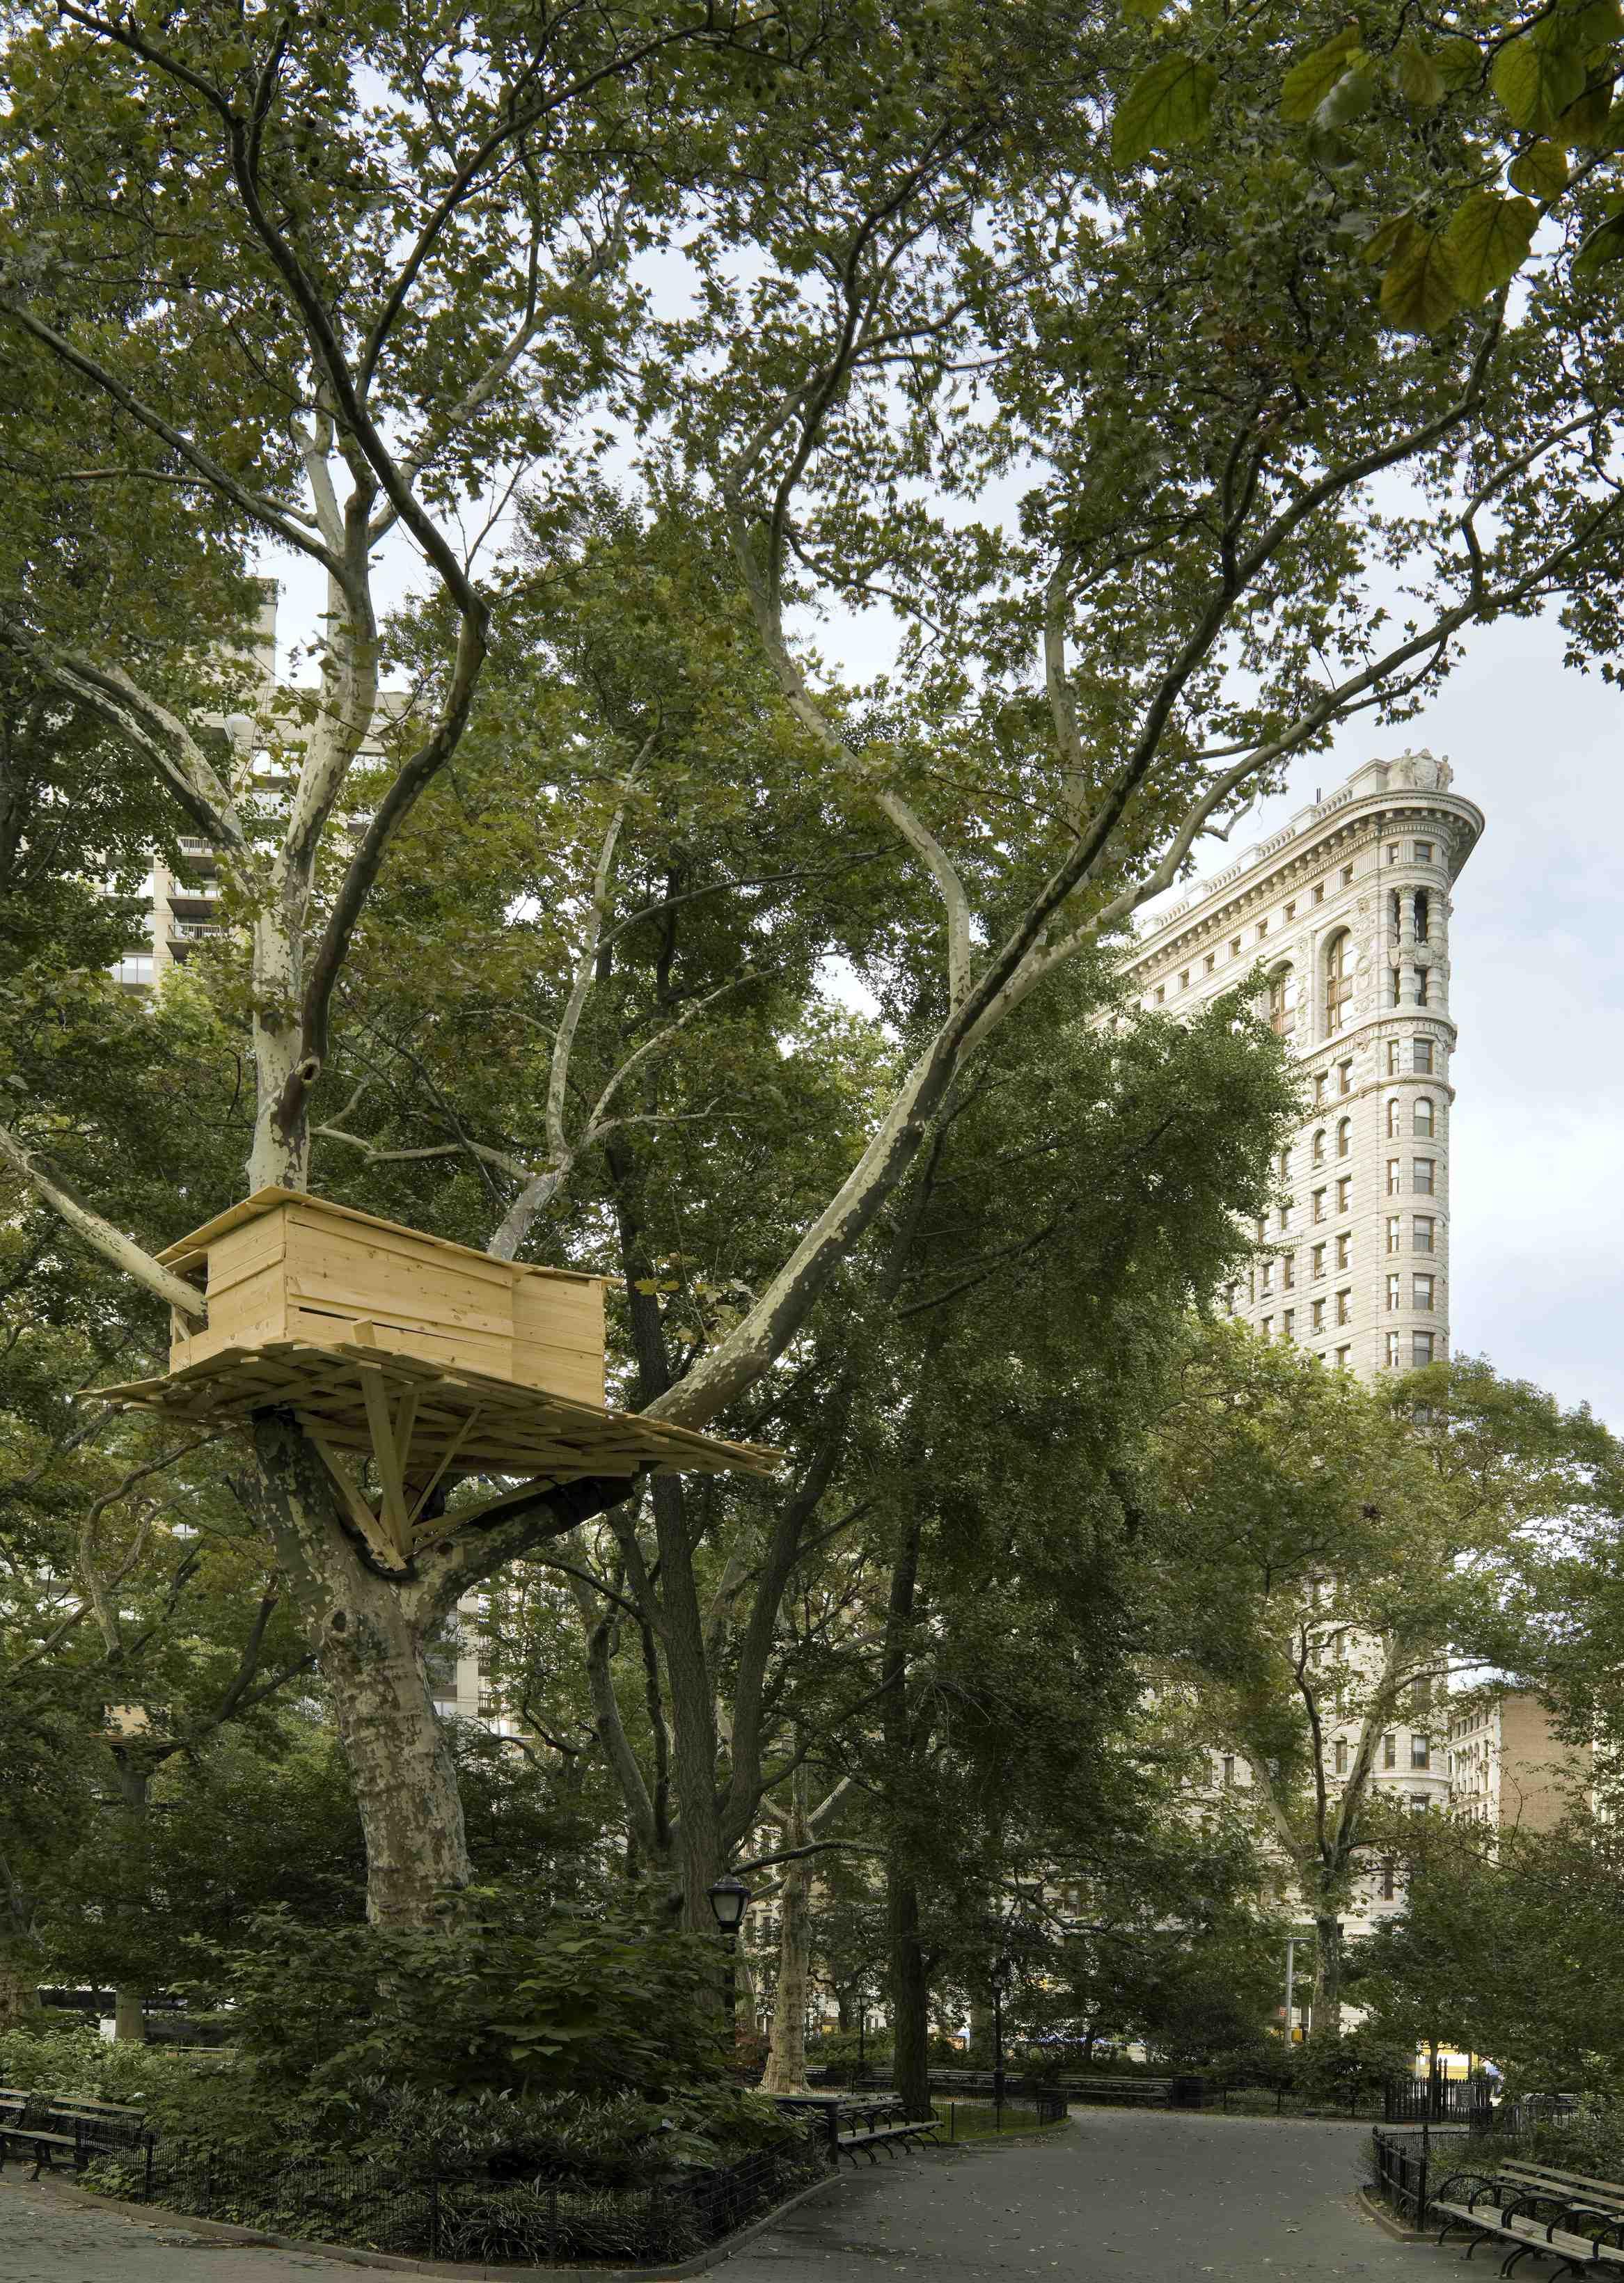 Tadashi Kawamatas 2008 Tree Huts Project in Paris and New York City